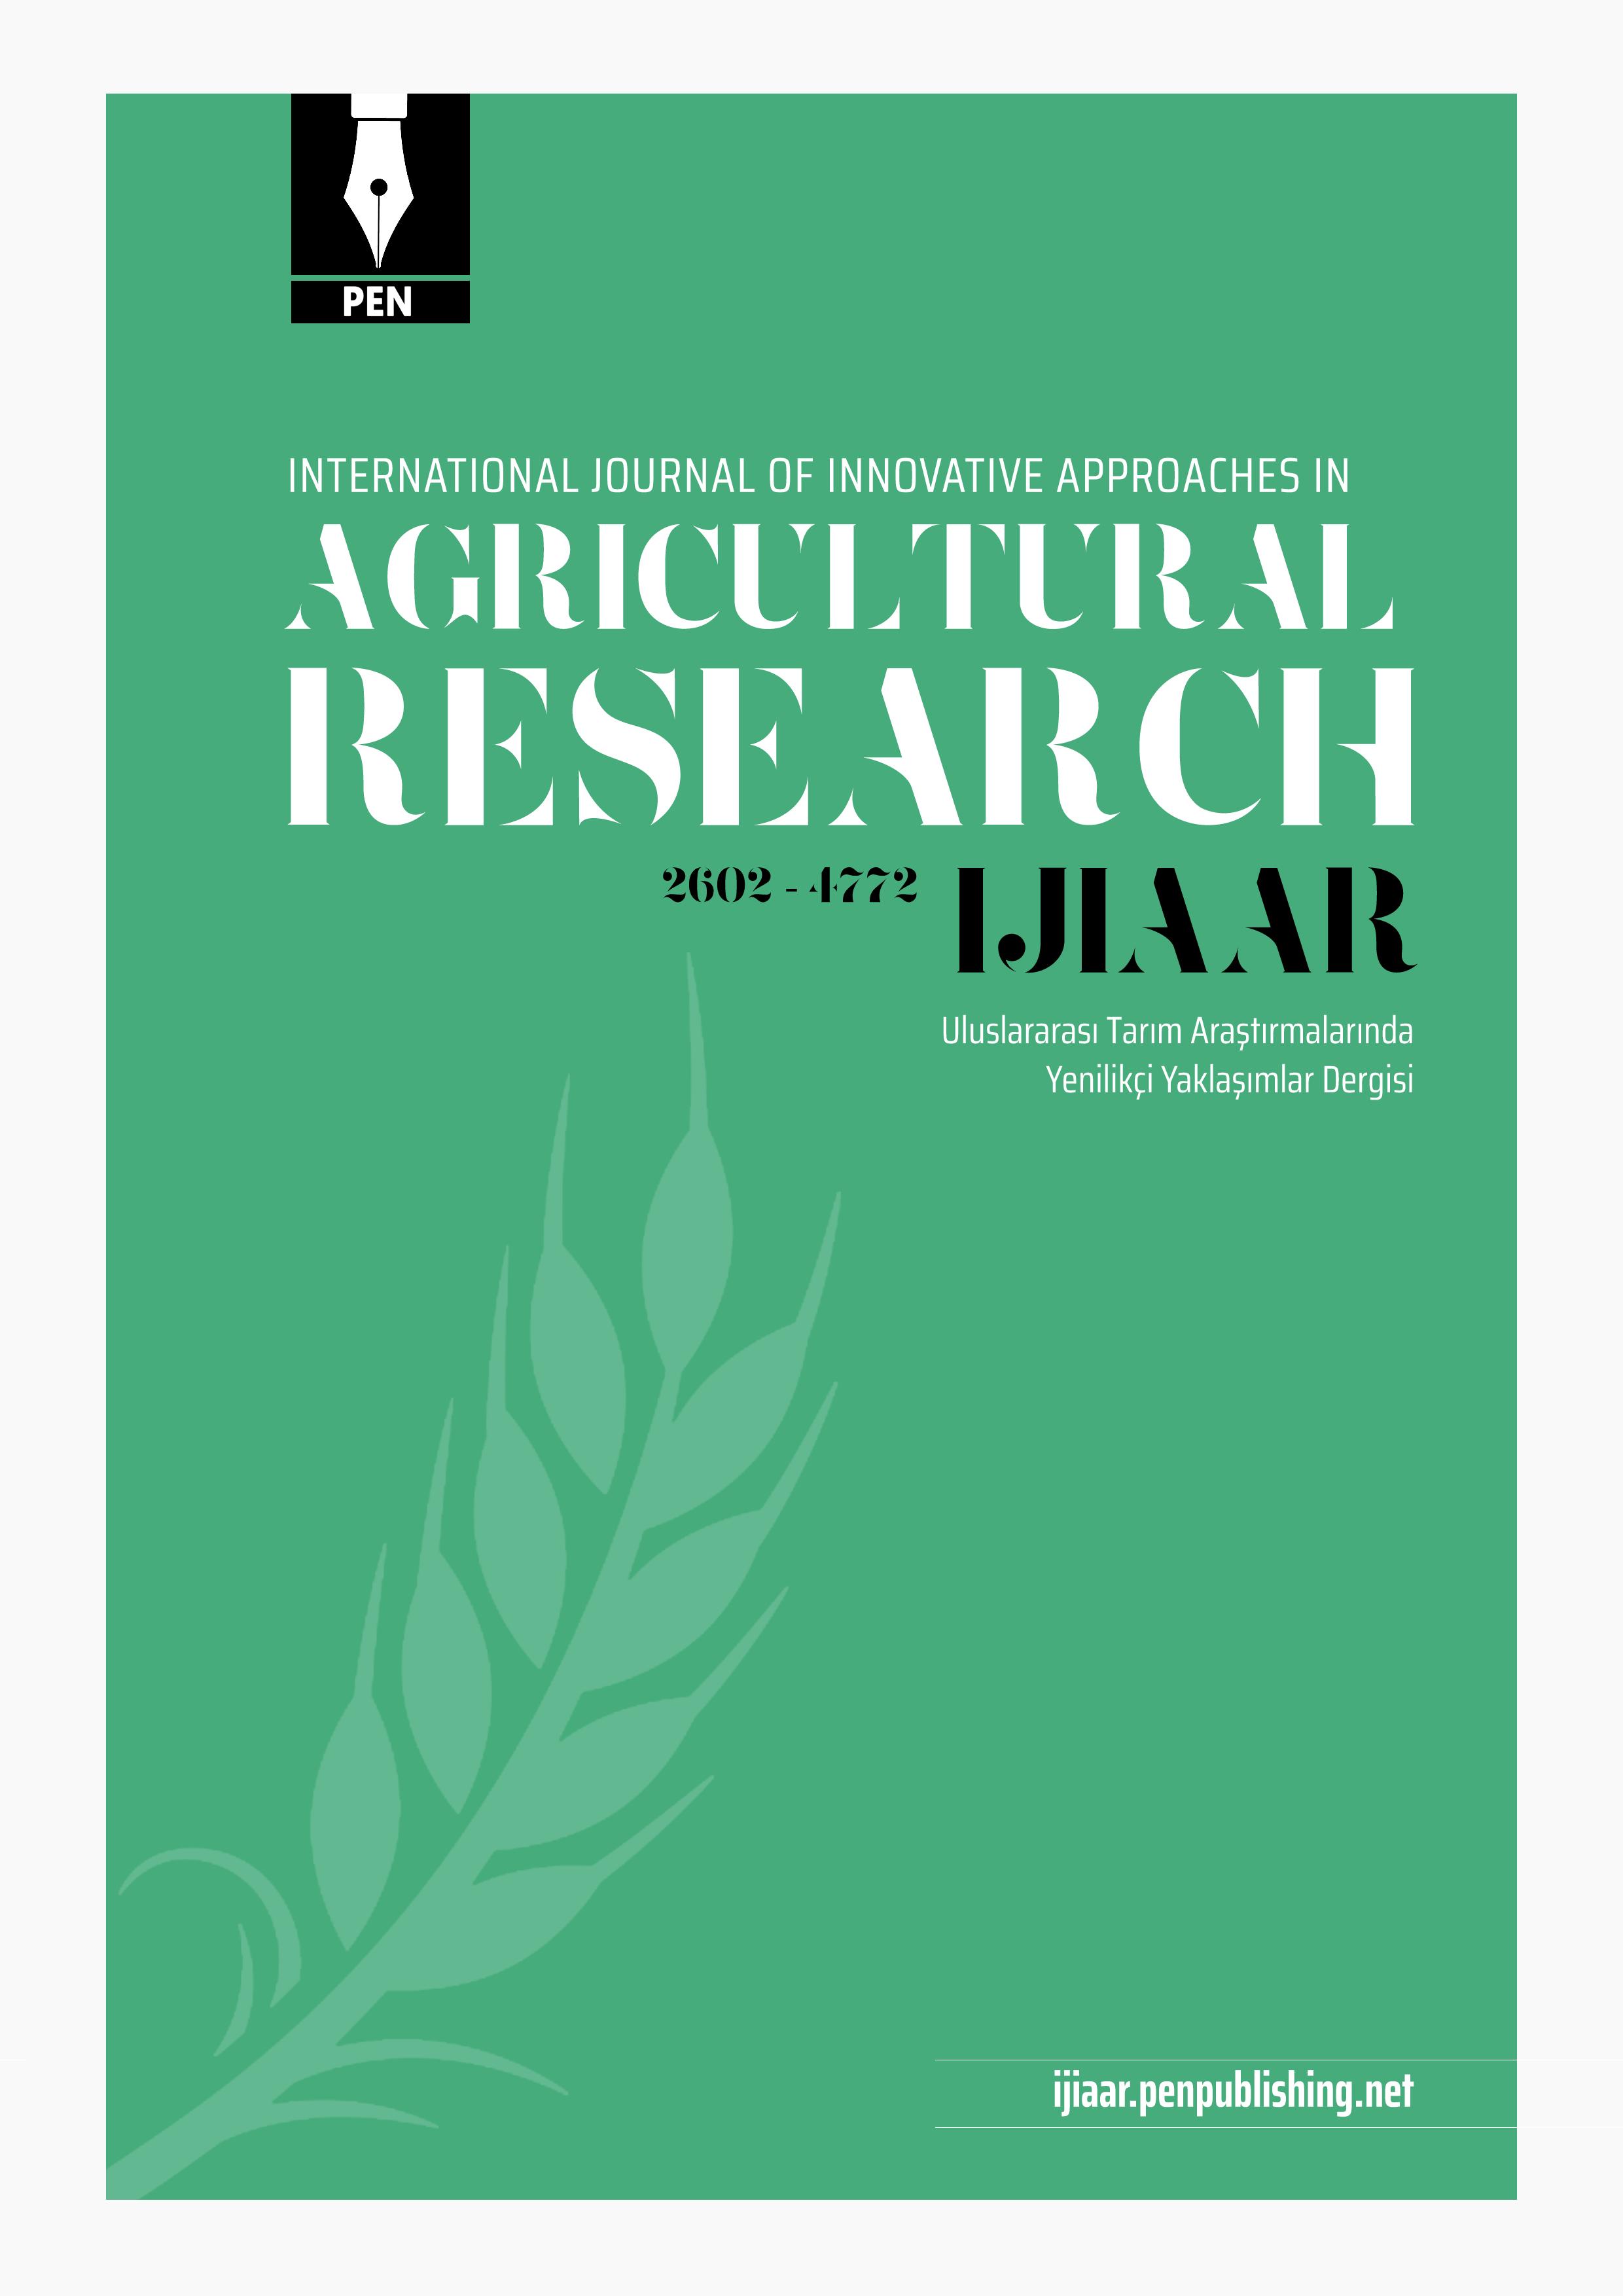 Uluslararası Tarım Araştırmalarında Yenilikçi Yaklaşımlar Dergisi-Asos İndeks